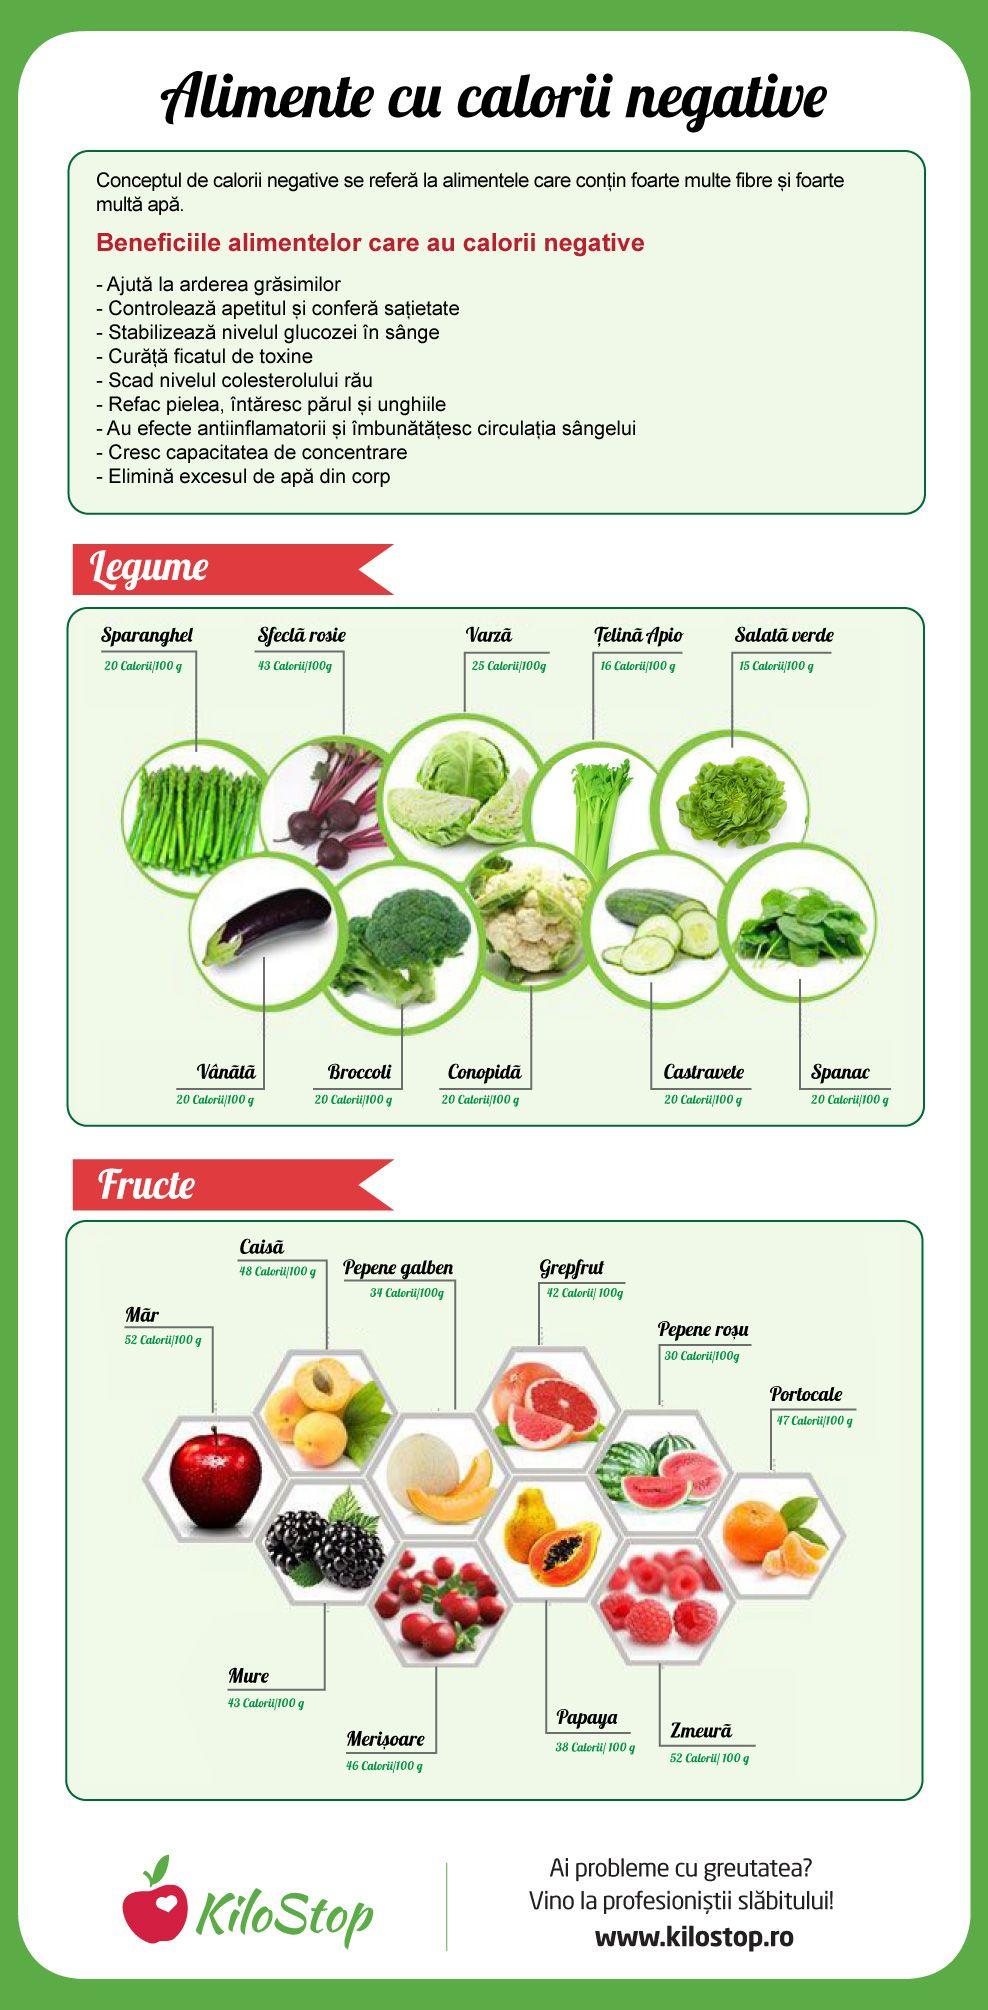 mânca opri mânca pierde în greutate